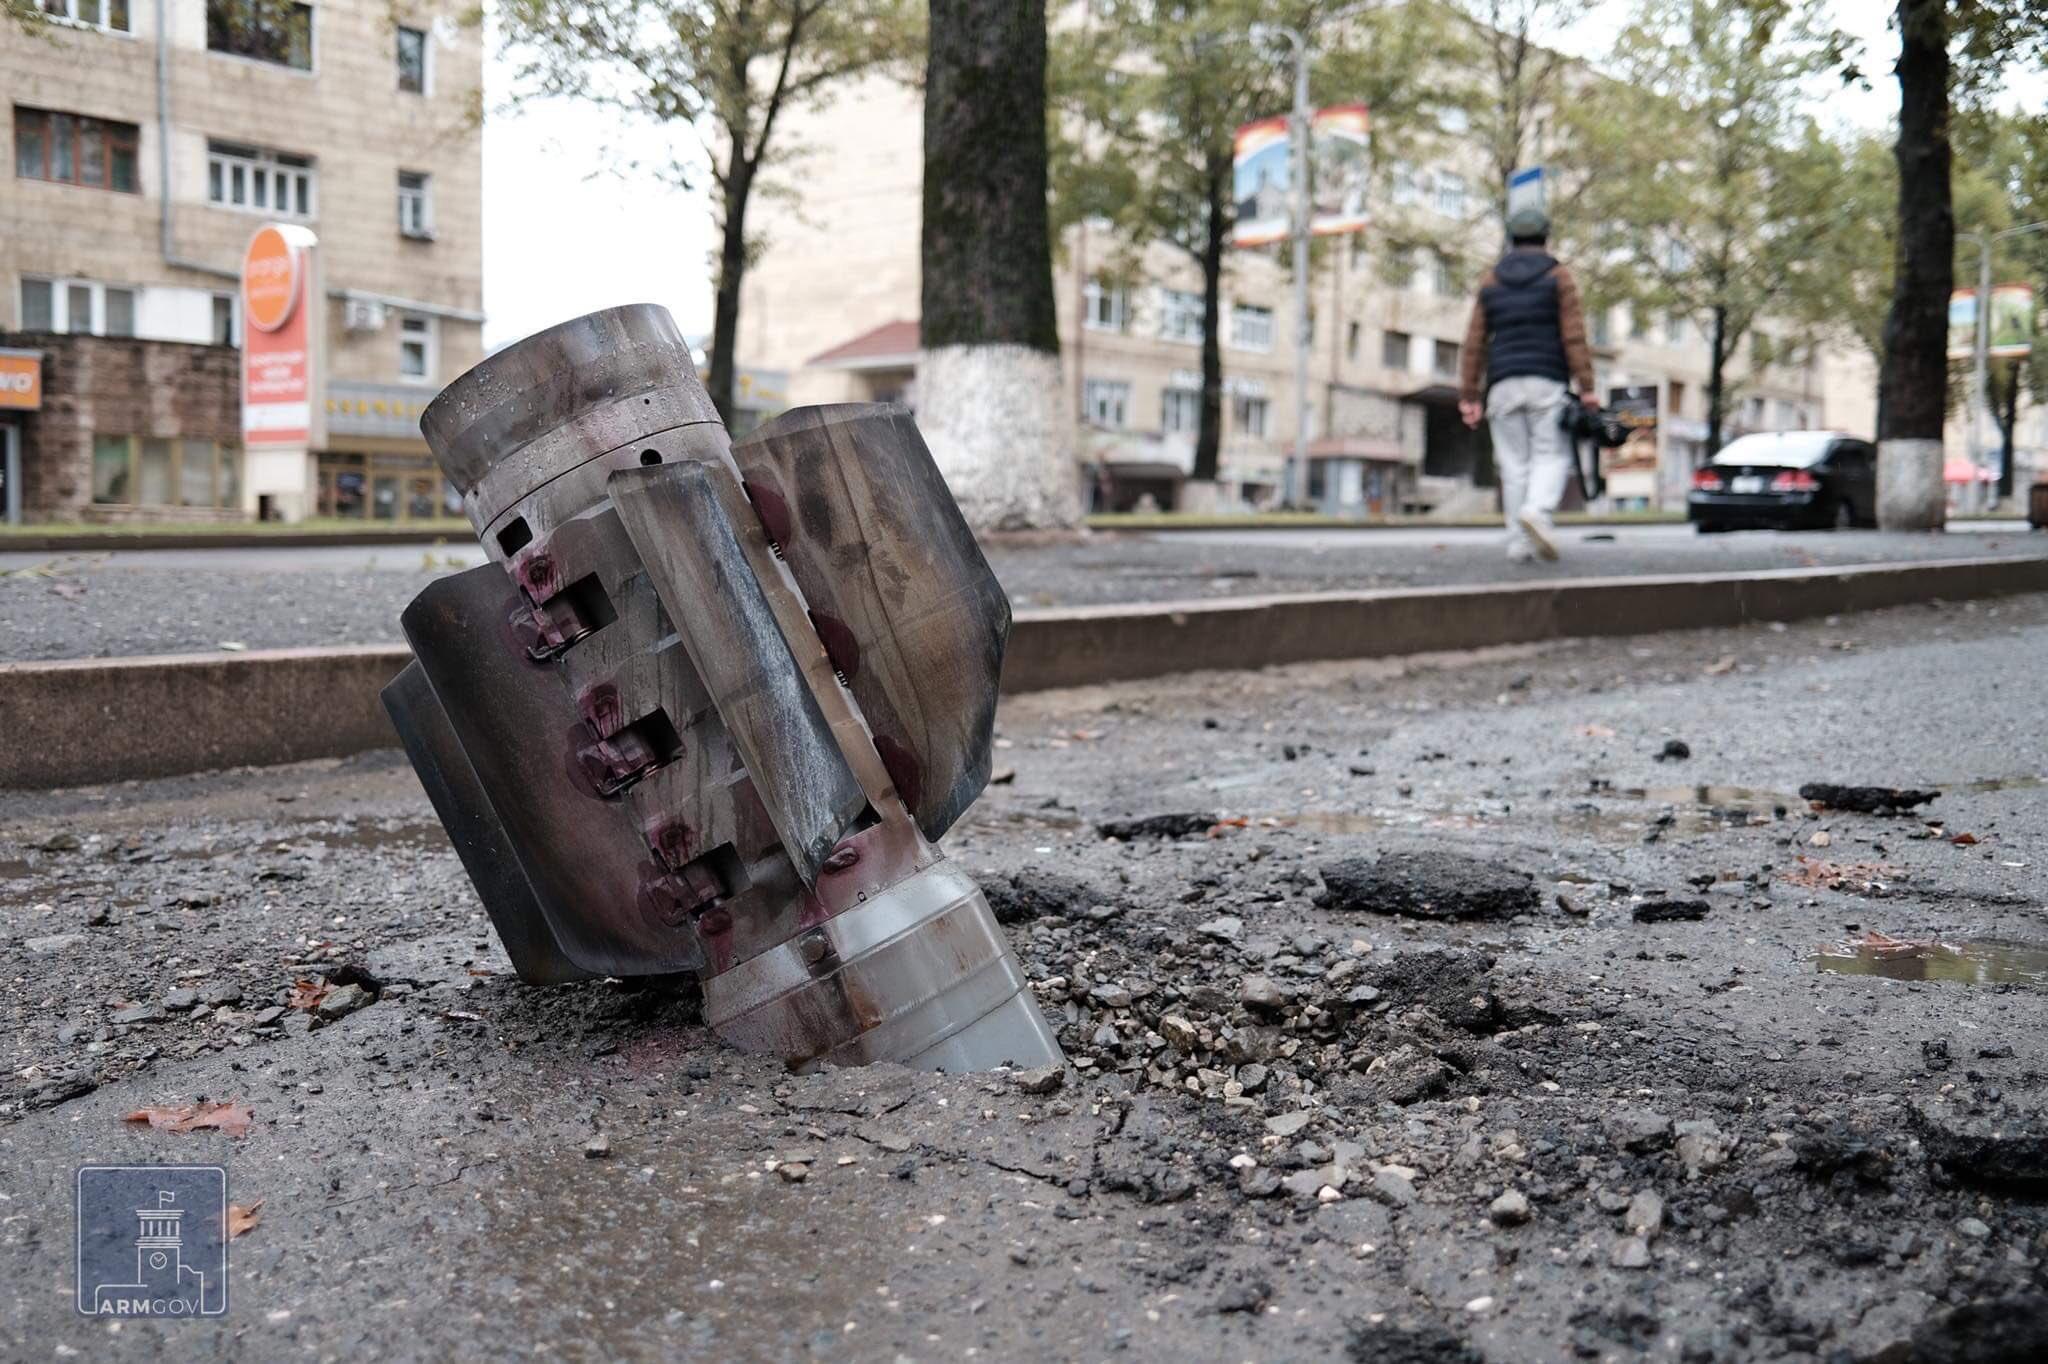 U Stepanakertu otkriveno i uništeno 180 kasetnih bombi